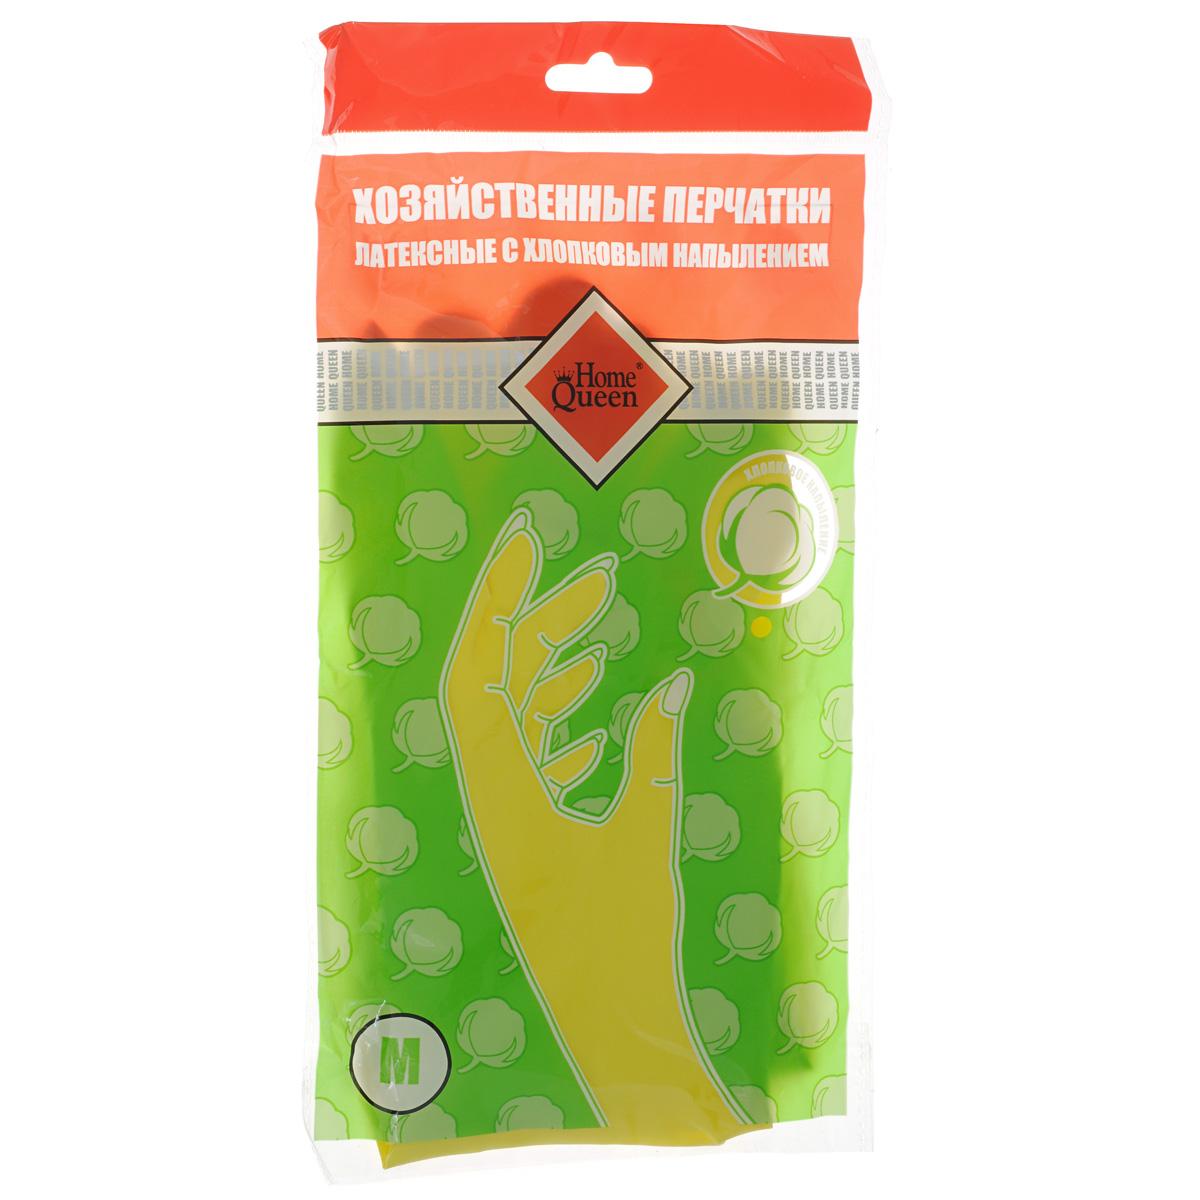 Перчатки латексные Home Queen, с хлопковым напылением. Размер M перчатки хозяйственные доминго с хлопковым напылением цвет зеленый размер m